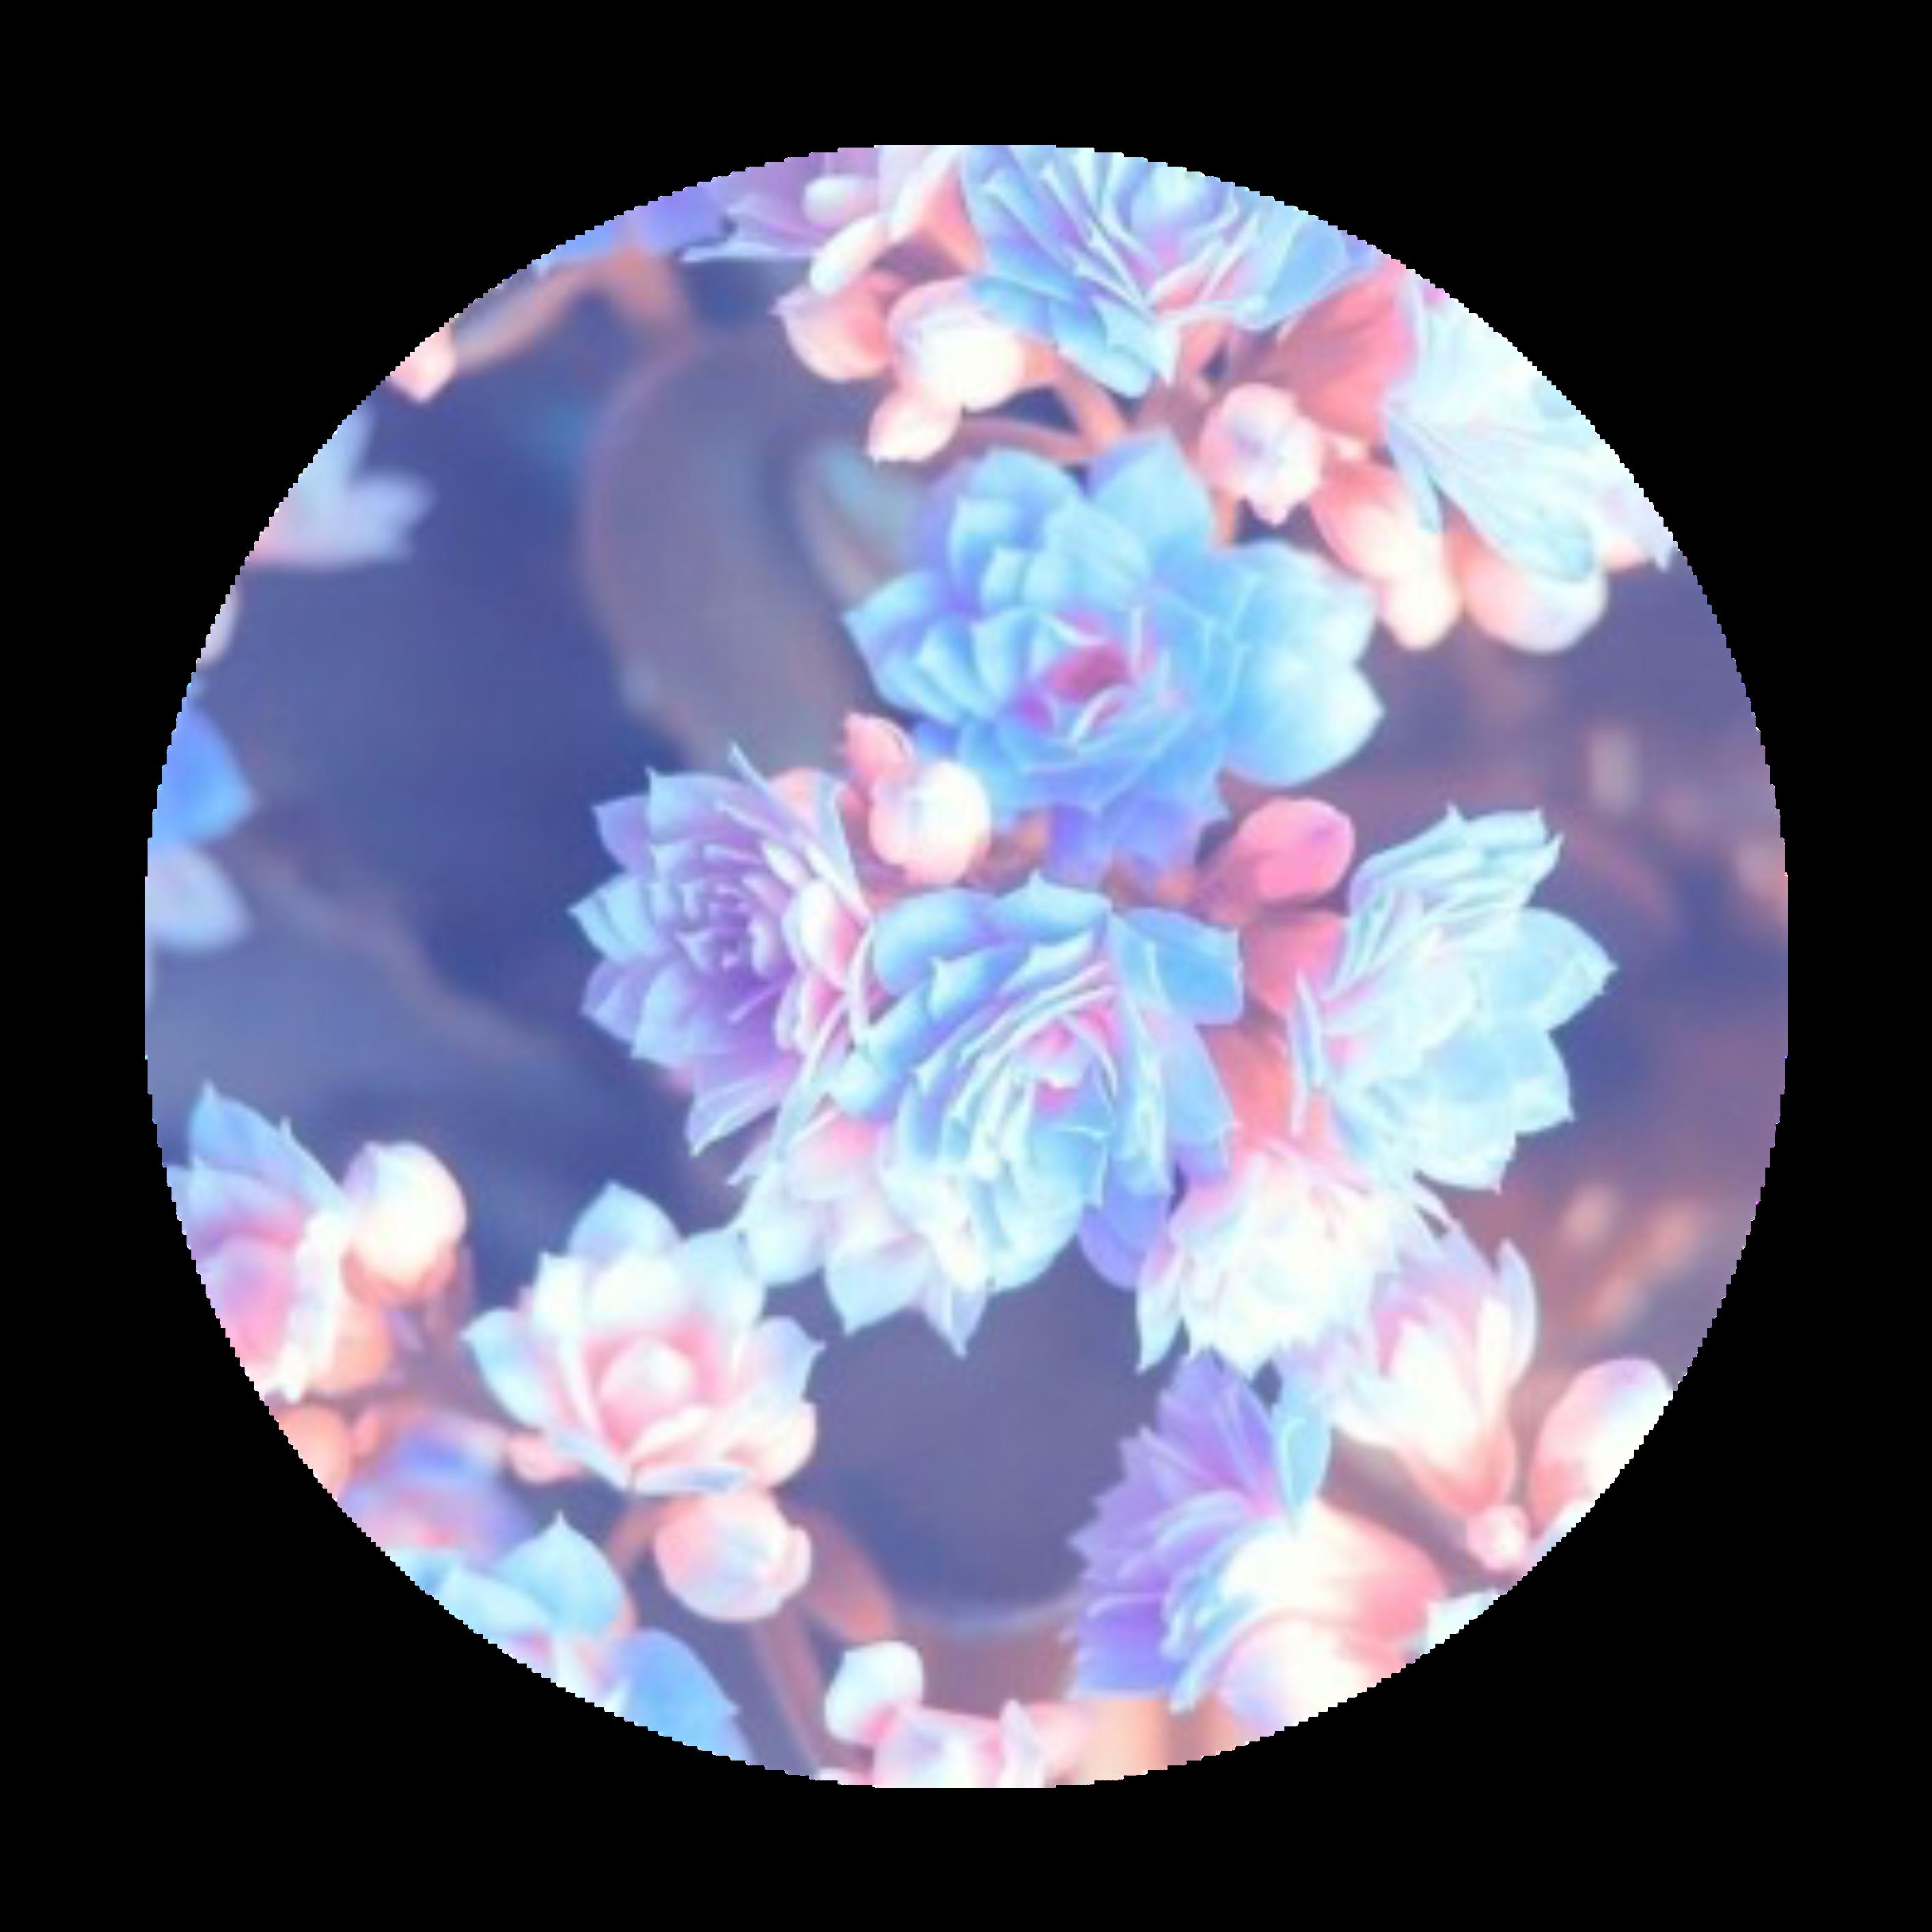 Flower Aesthetic Tumblr Roundobjects Circle Background